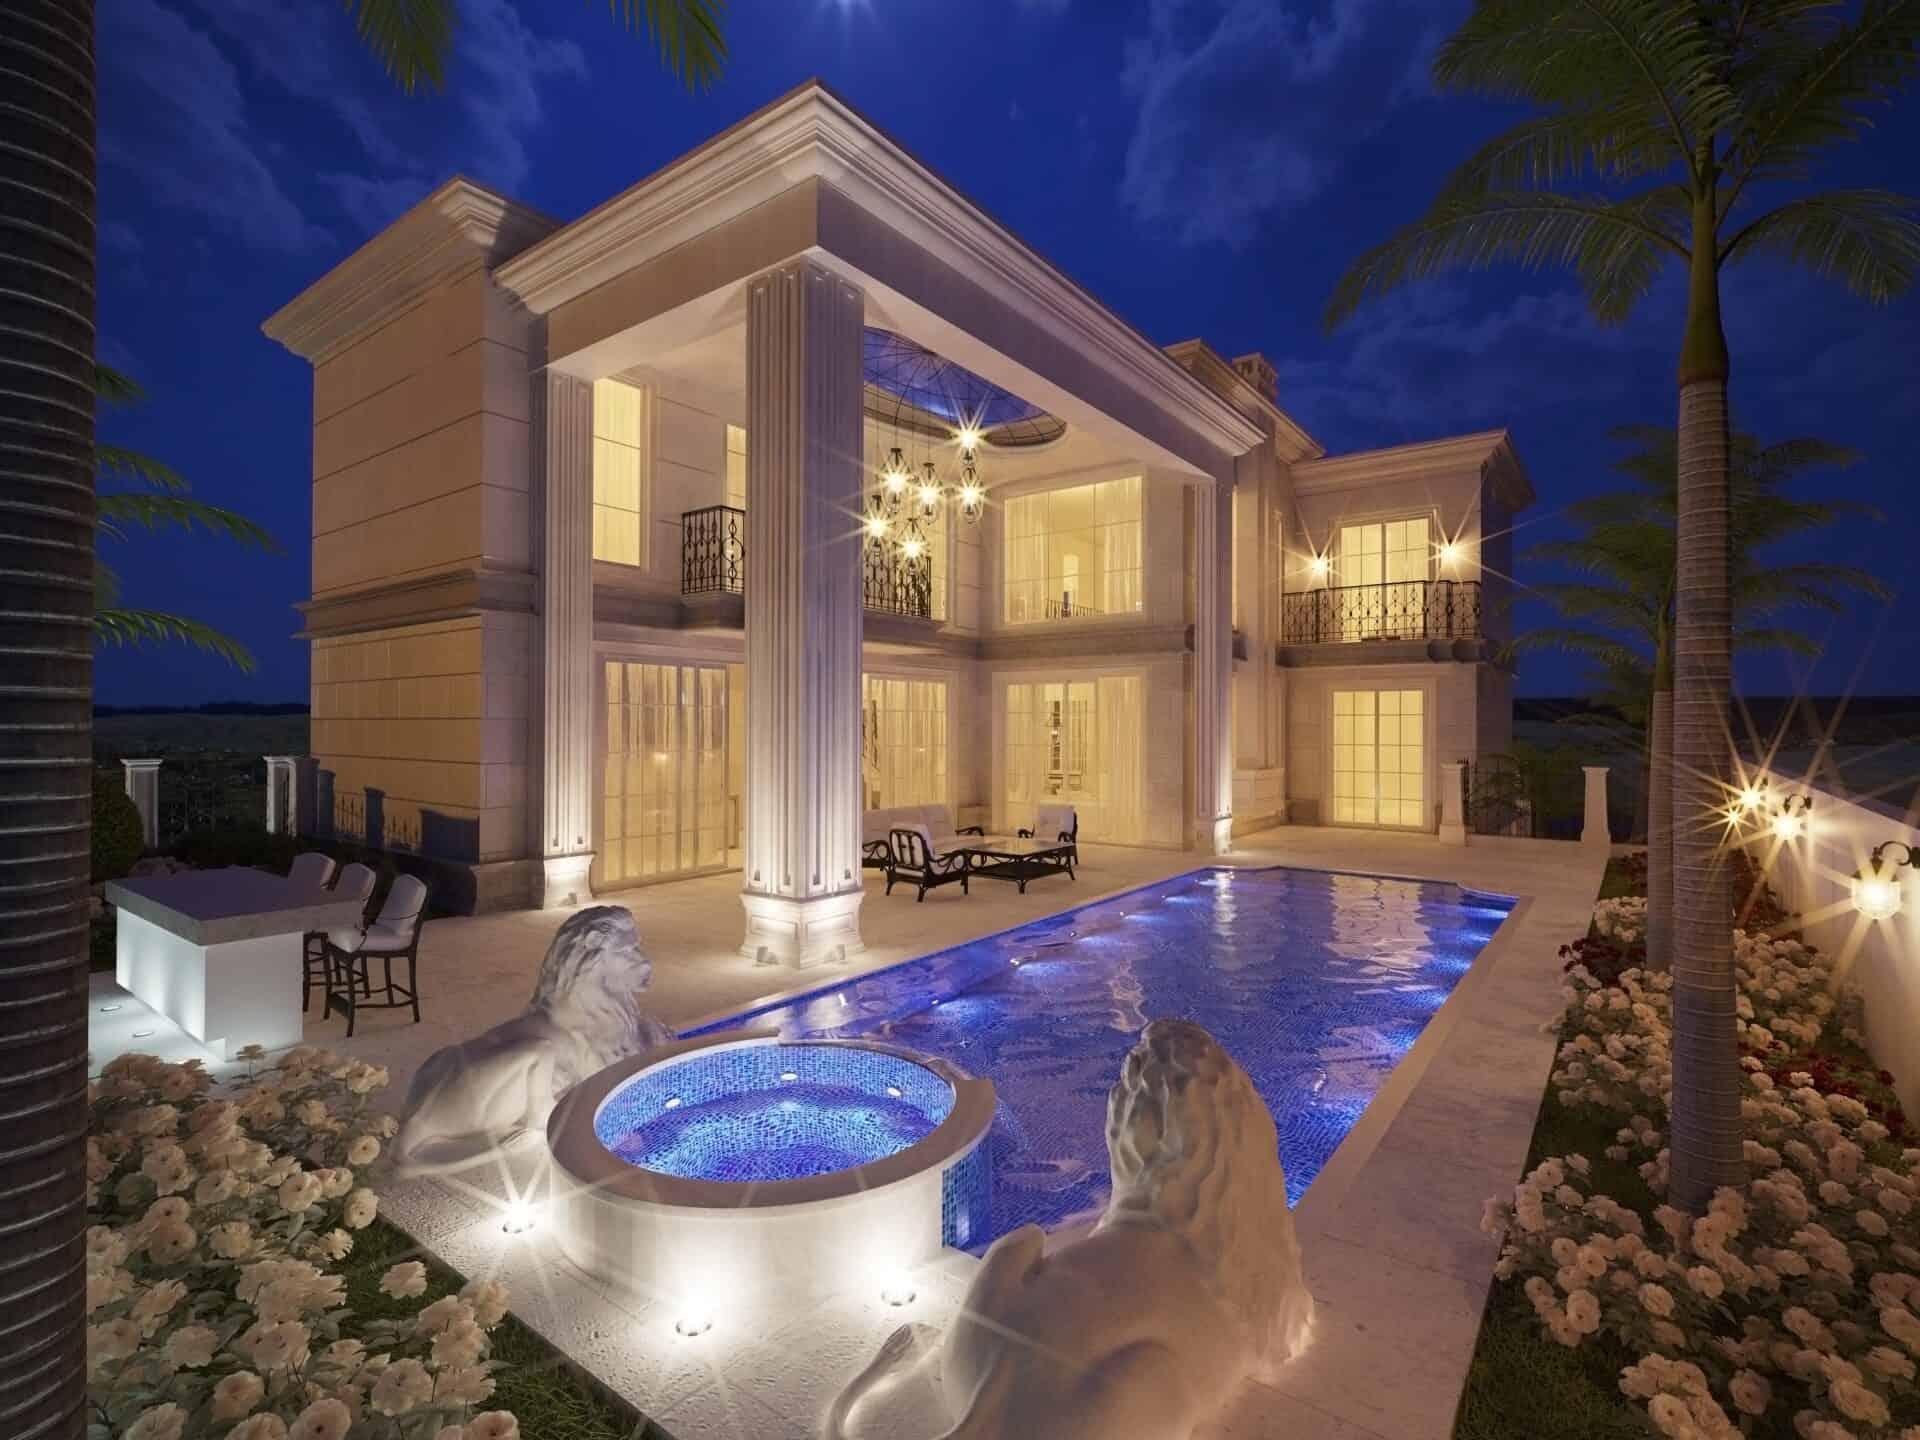 בית פרטי בתכנון אדריכלי של מלכה